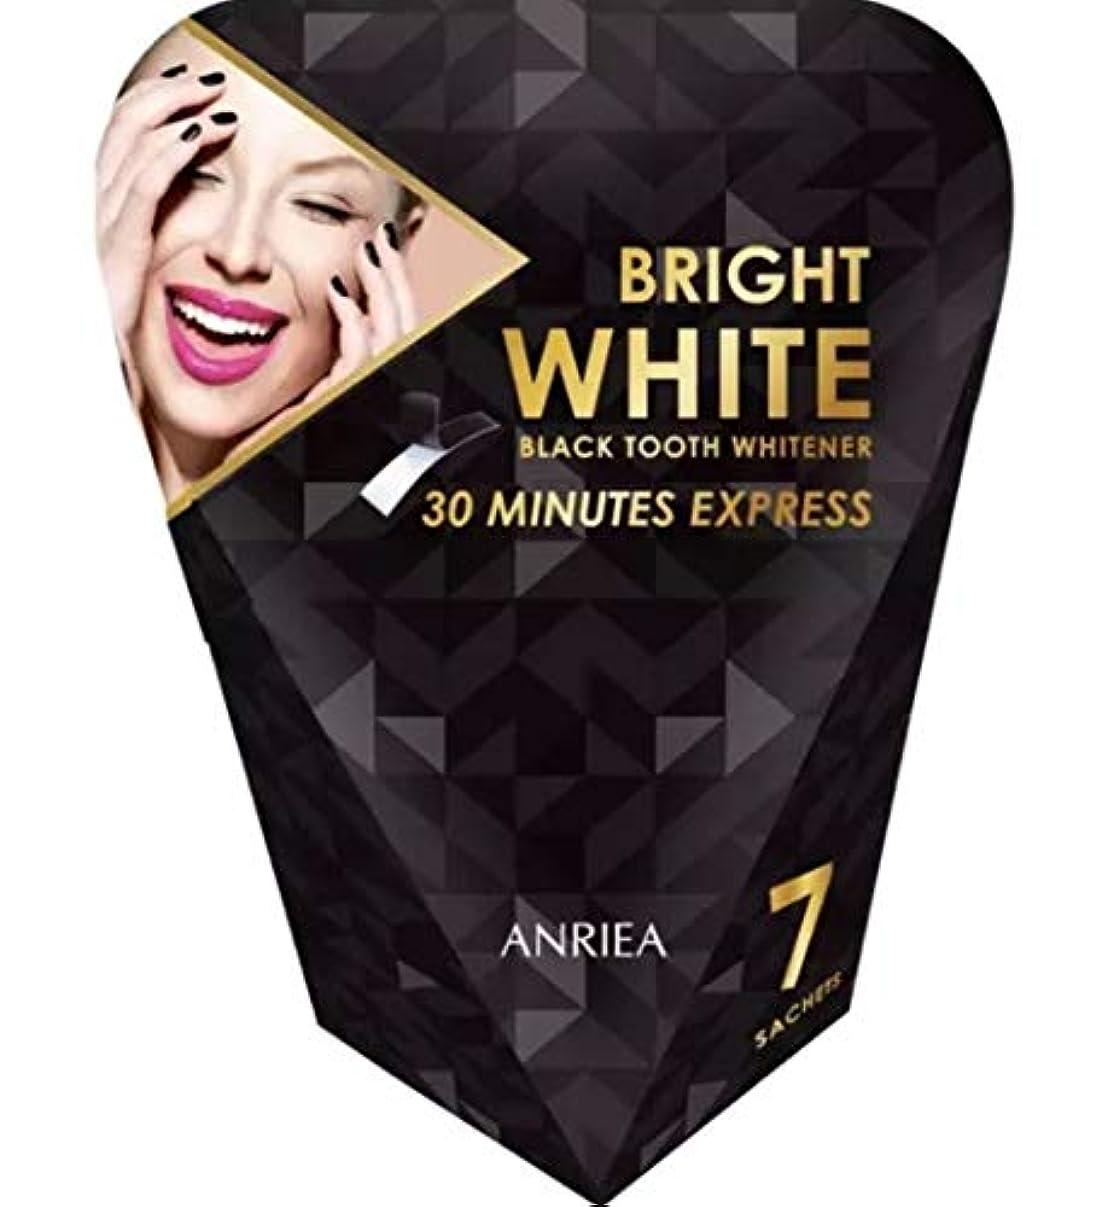 信頼ピルファー入口Anriea 3d white teeth Whitestrips Professional effect ANRIEA 3D ホワイトストリッププロフェッショナルエフェクト